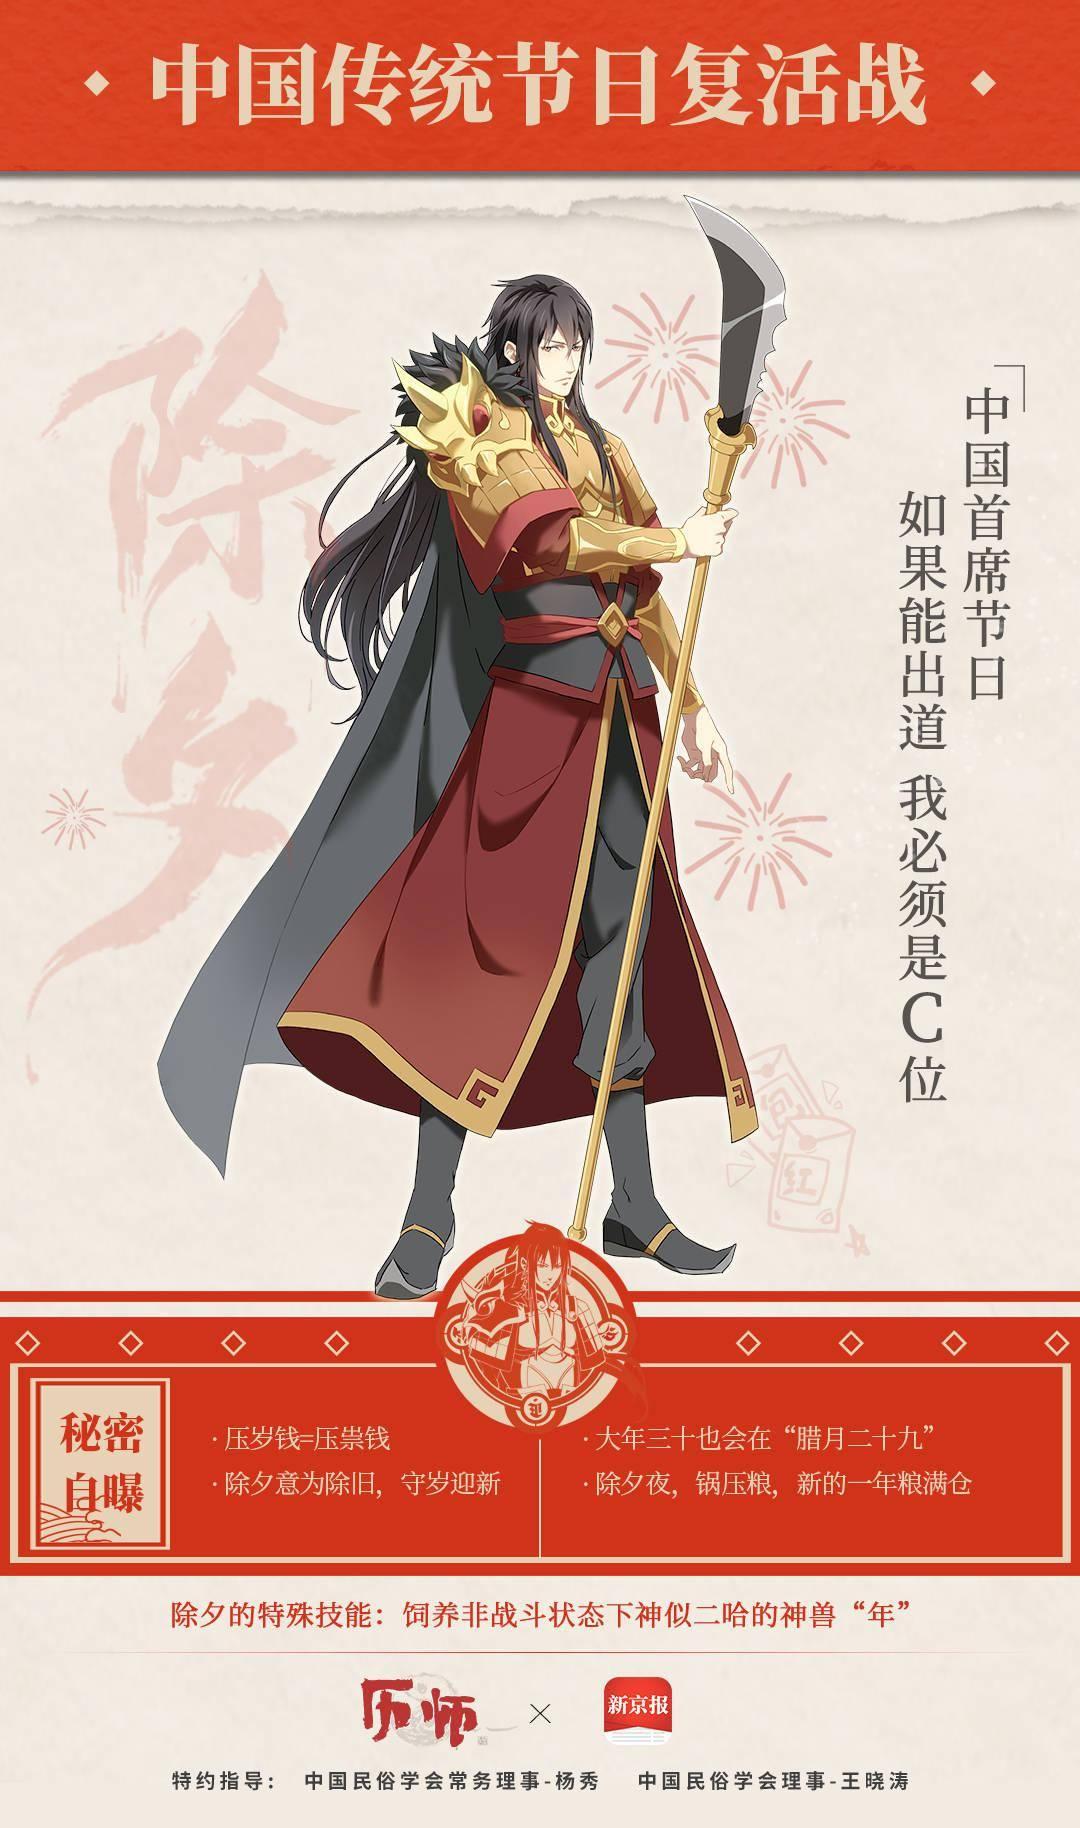 关注冷门节日,《历师》联合新京报打响传统节日复活战